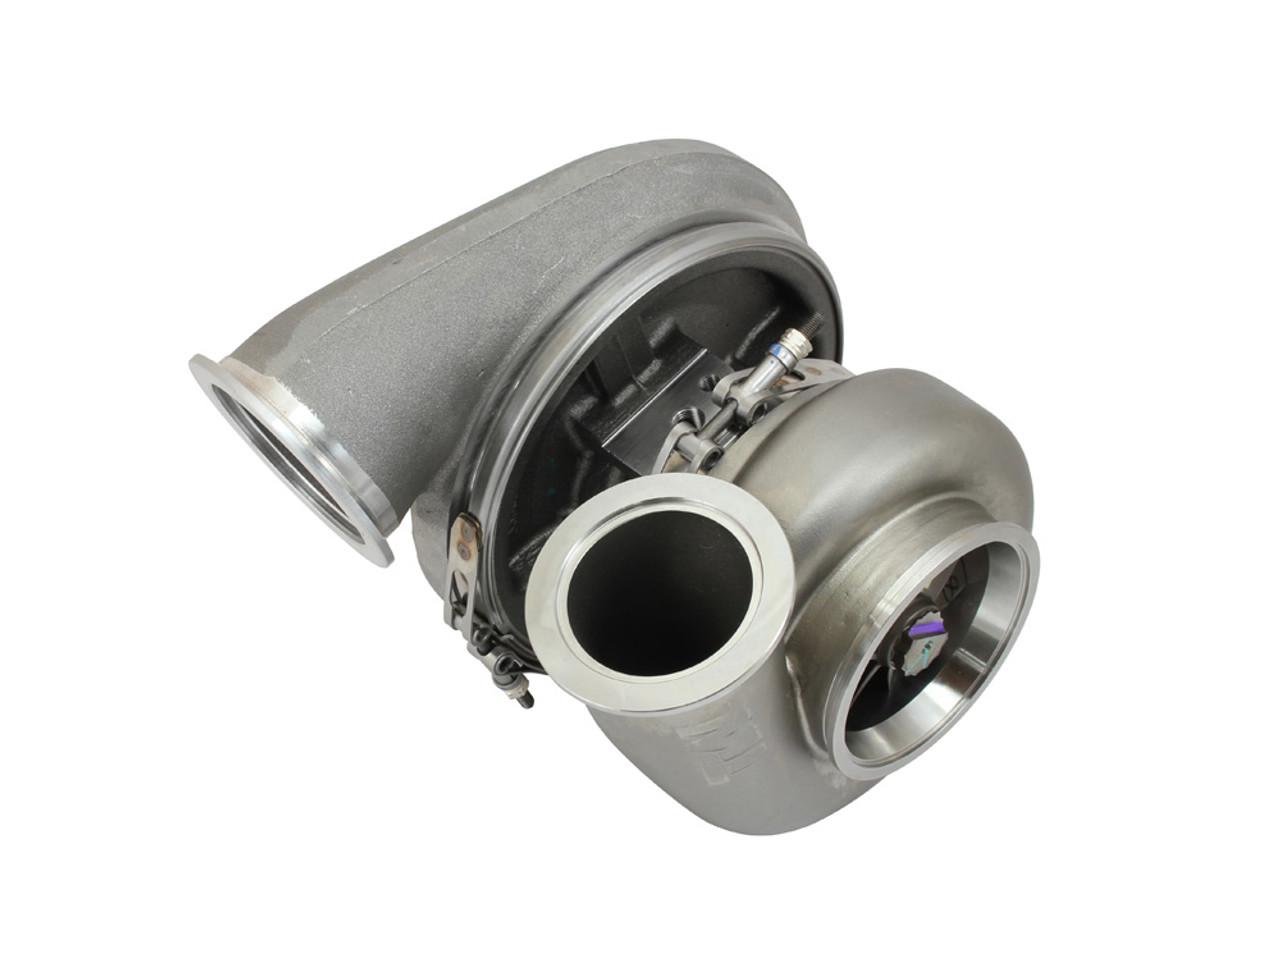 AGP Turbo Z467.7 Billet